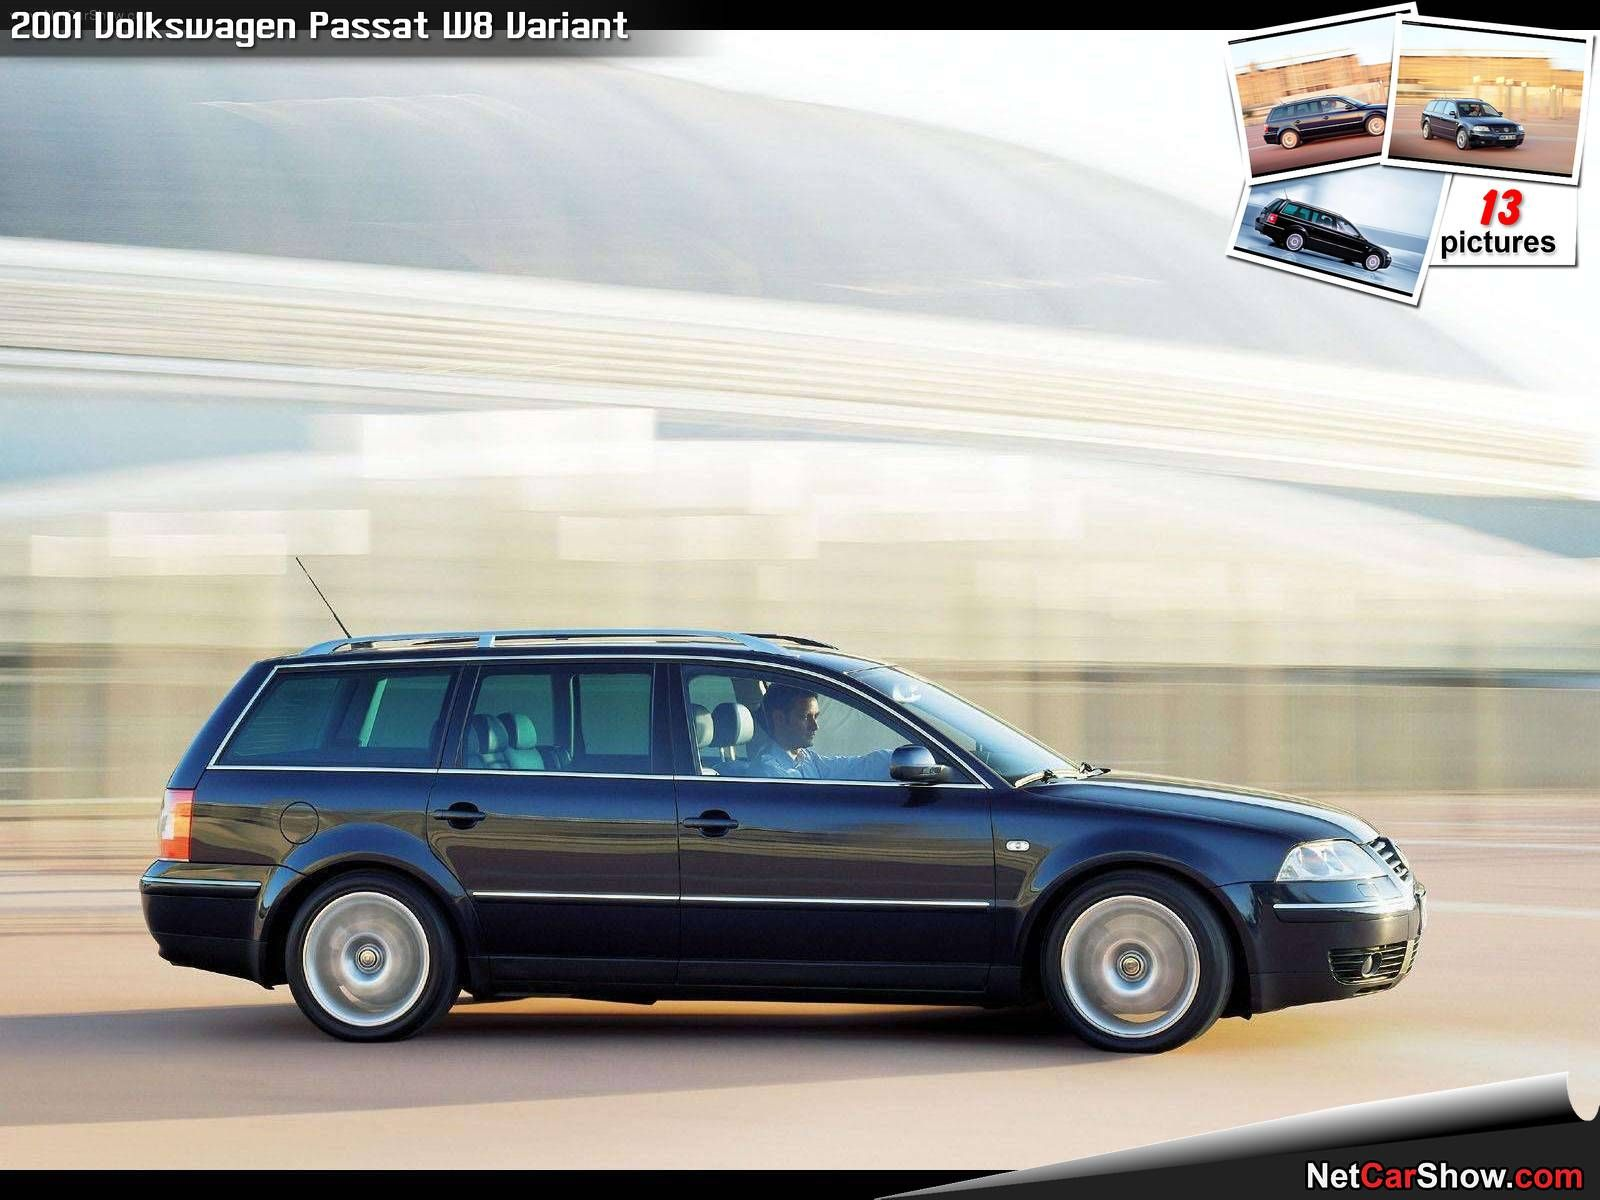 Passat W8 Sw 2001 Vw Passat Volkswagen Volkswagen Passat